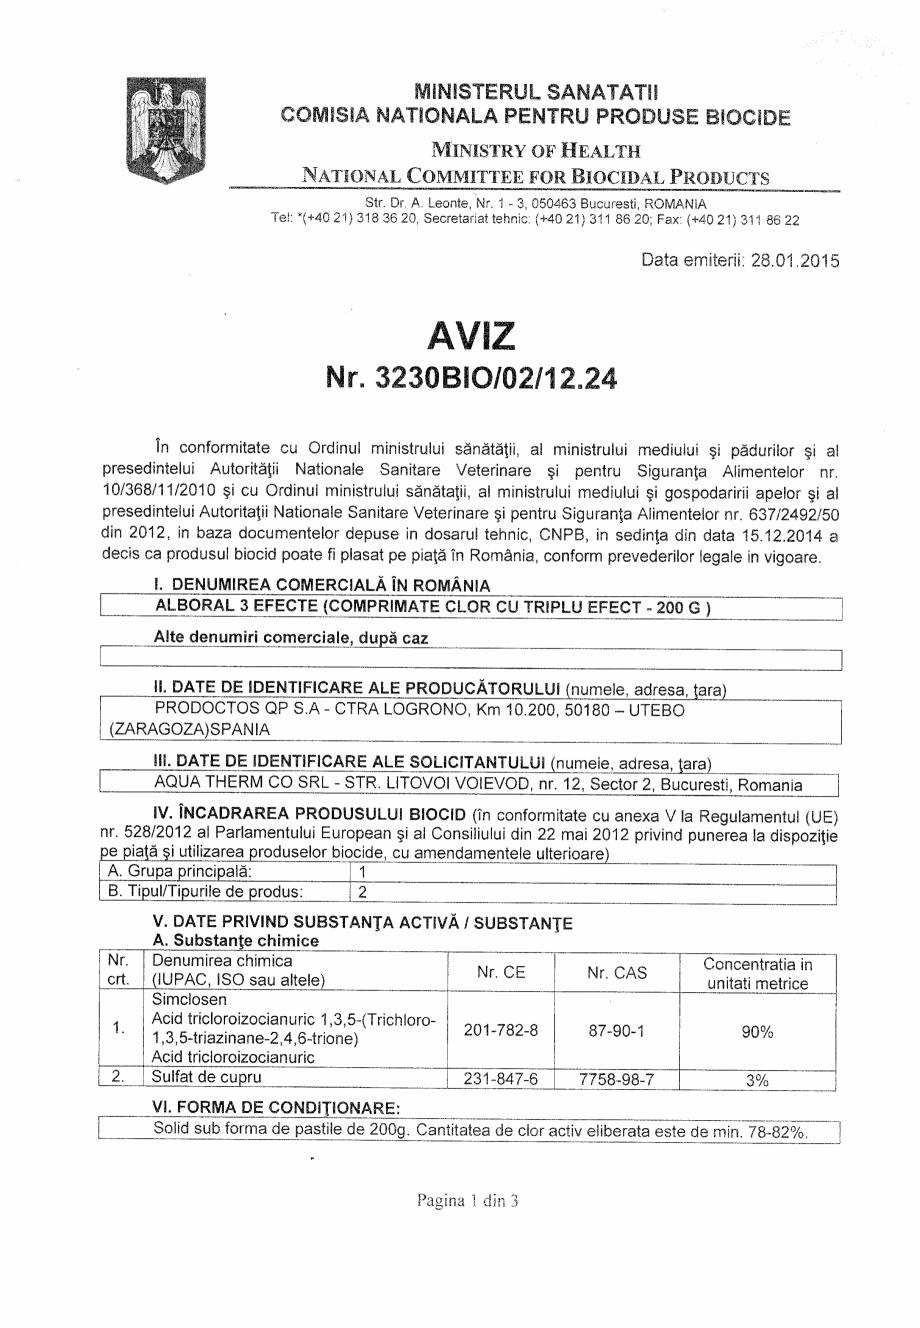 Certificare produs Aviz Nr.3230 BIO/02/12.24 ALBORAL CLOR GRANULE QUIMICAMP Substante pentru tratarea apei din piscine AQUA THERM CO  - Pagina 1